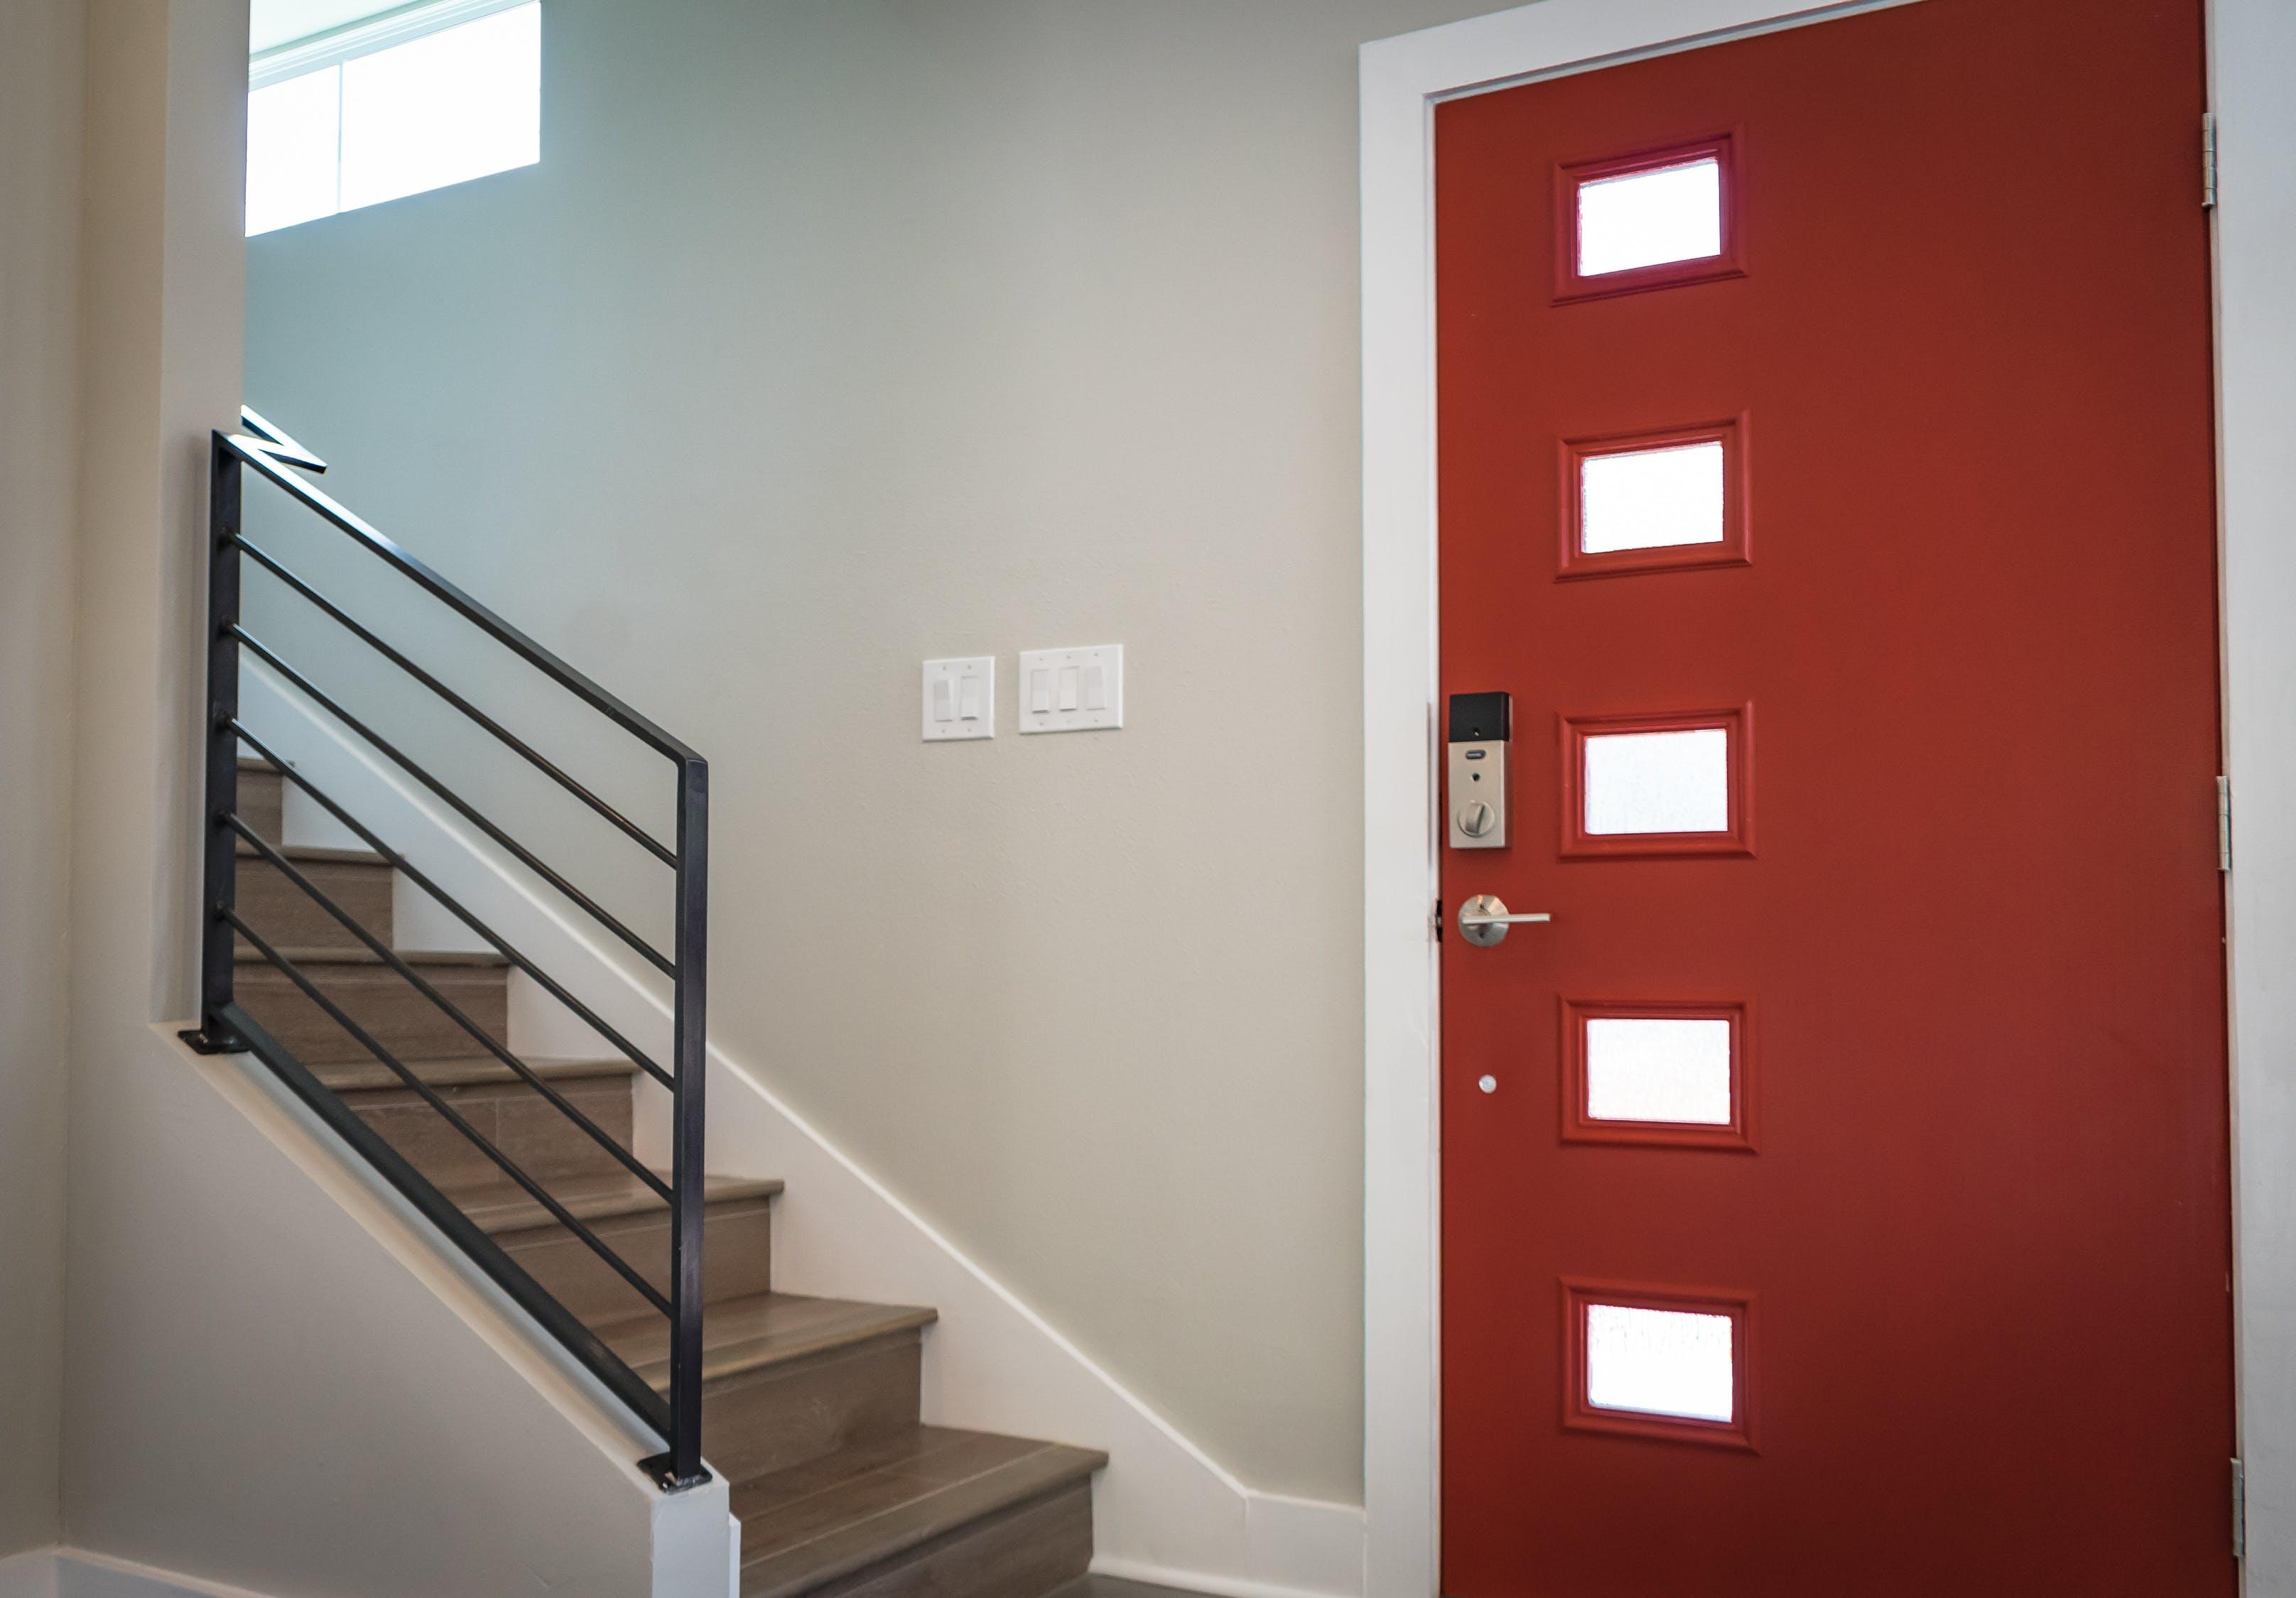 Vchodové dveře do bytu a do domu nejsou to samé